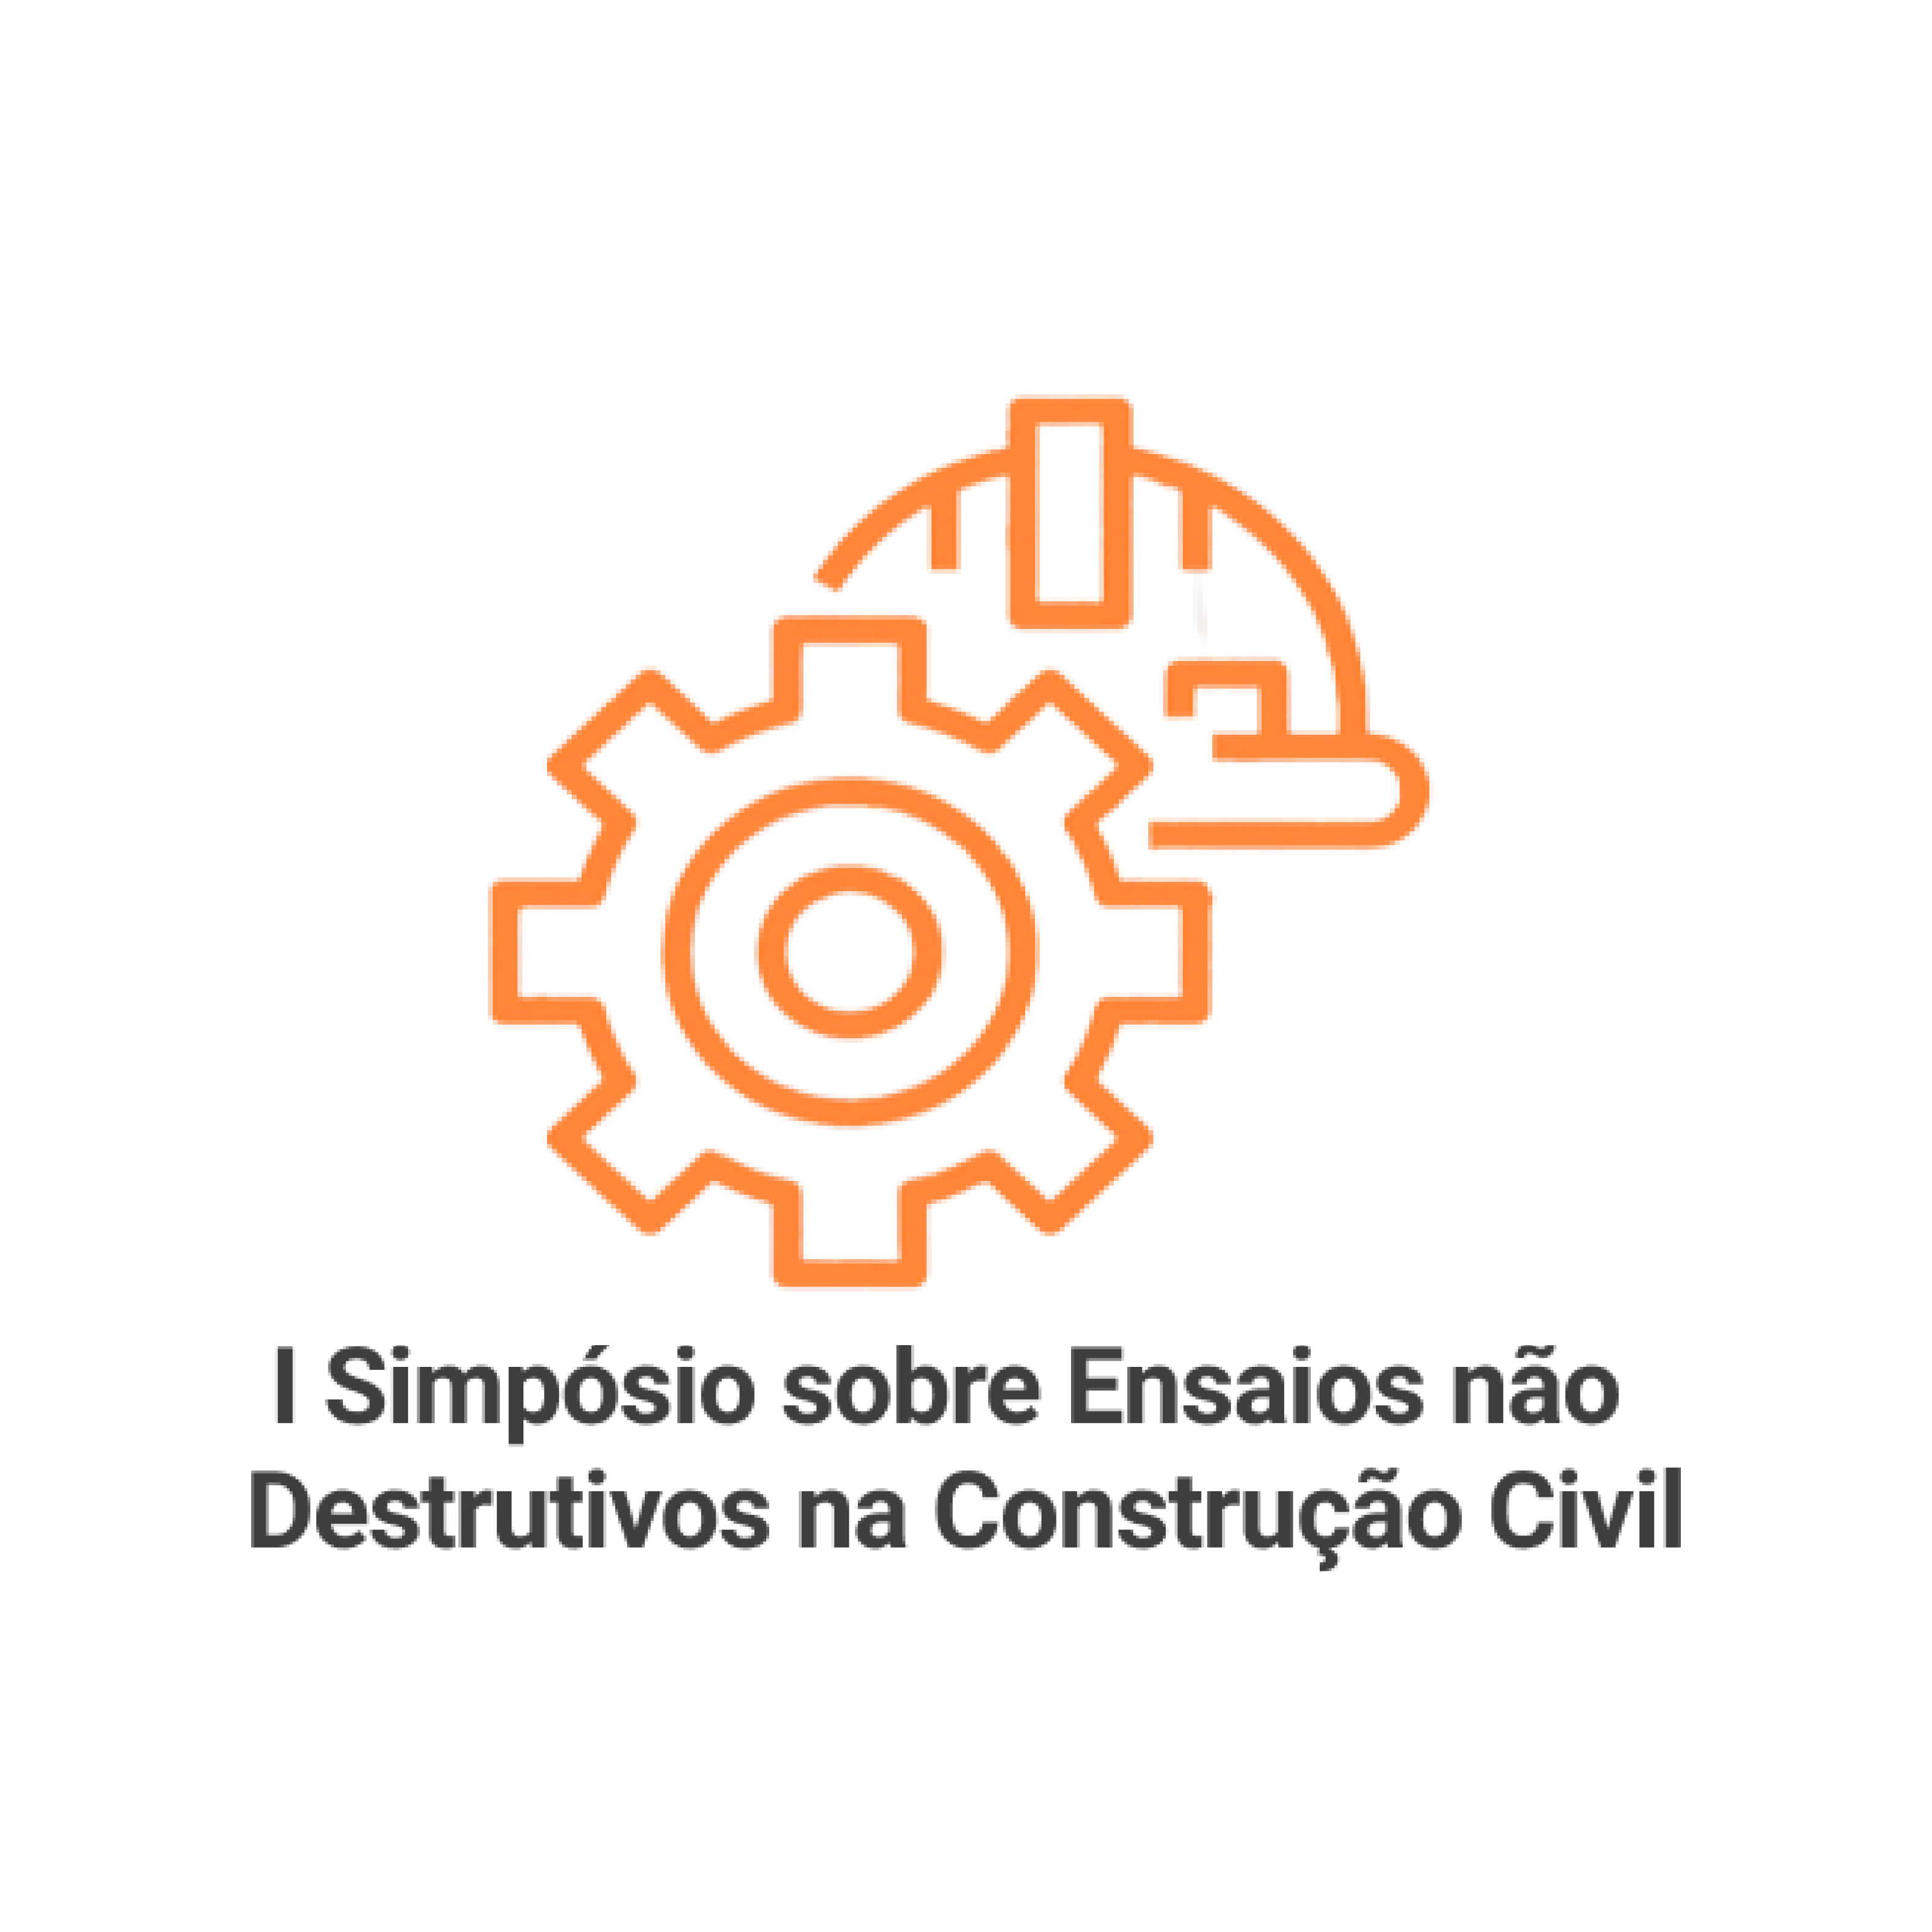 Anais do I Simpósio sobre Ensaios não Destrutivos na Construção Civil